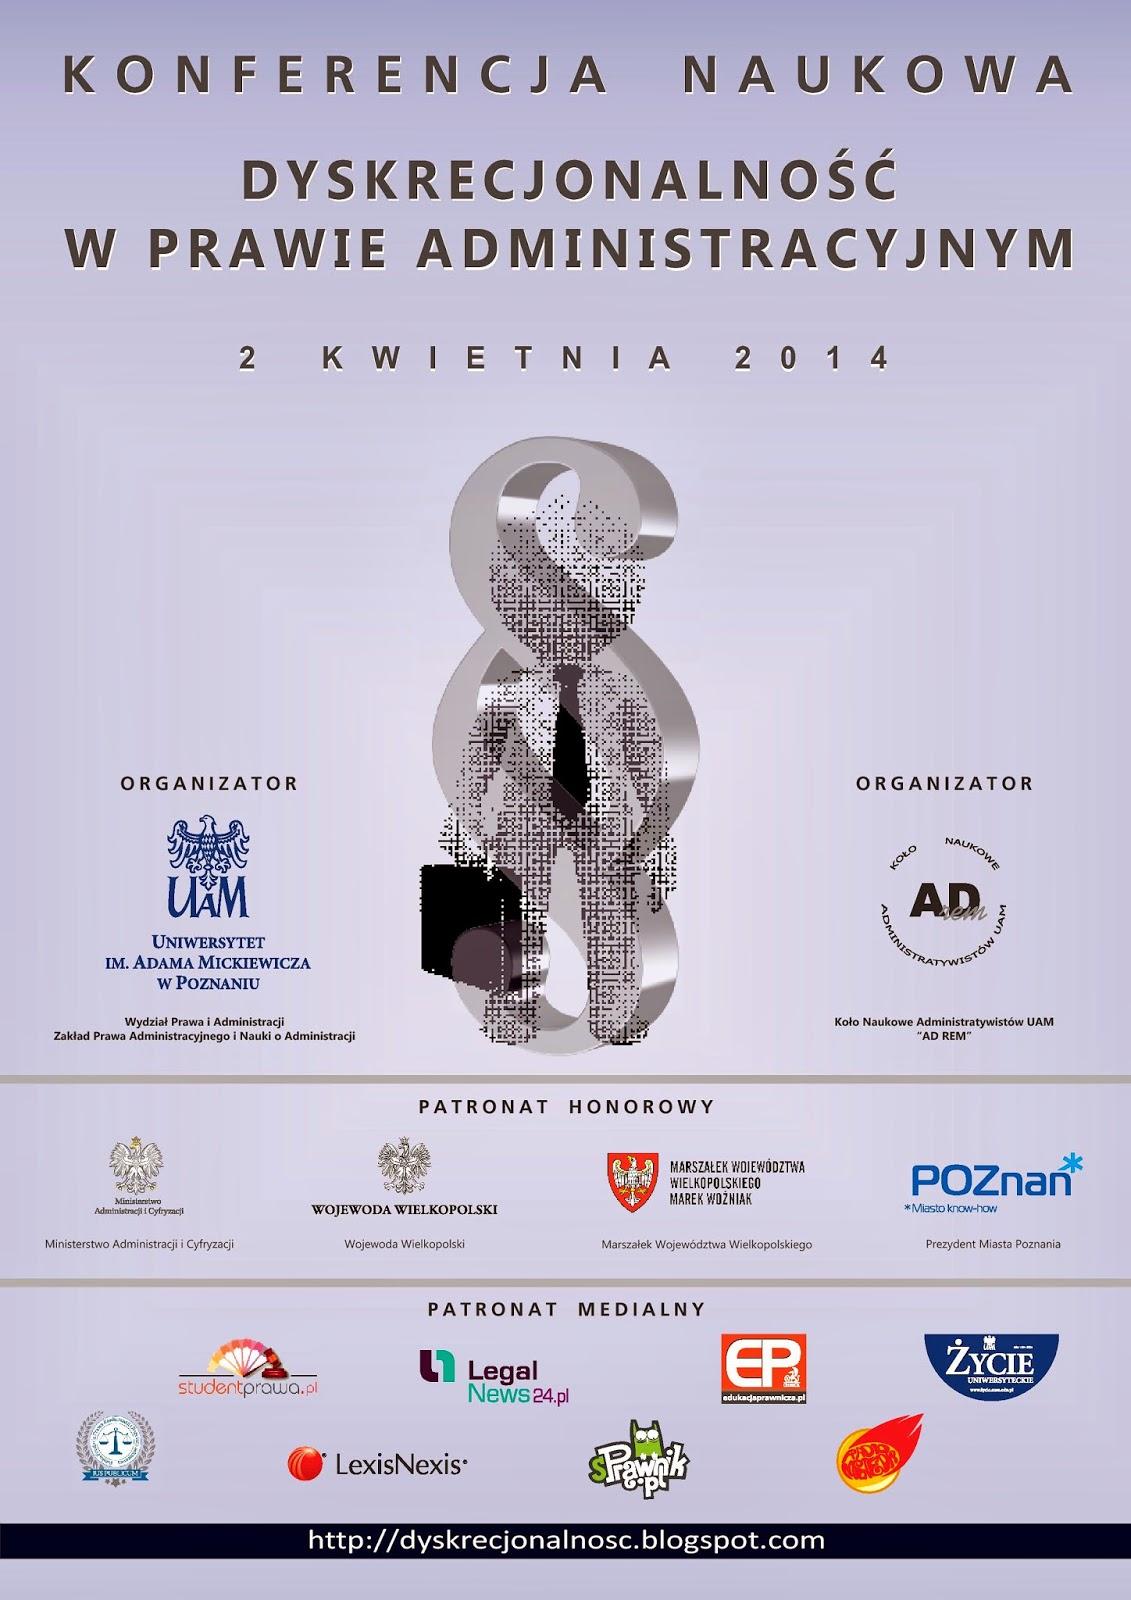 Konferencja Naukowa Dyskrecjonalność W Prawie